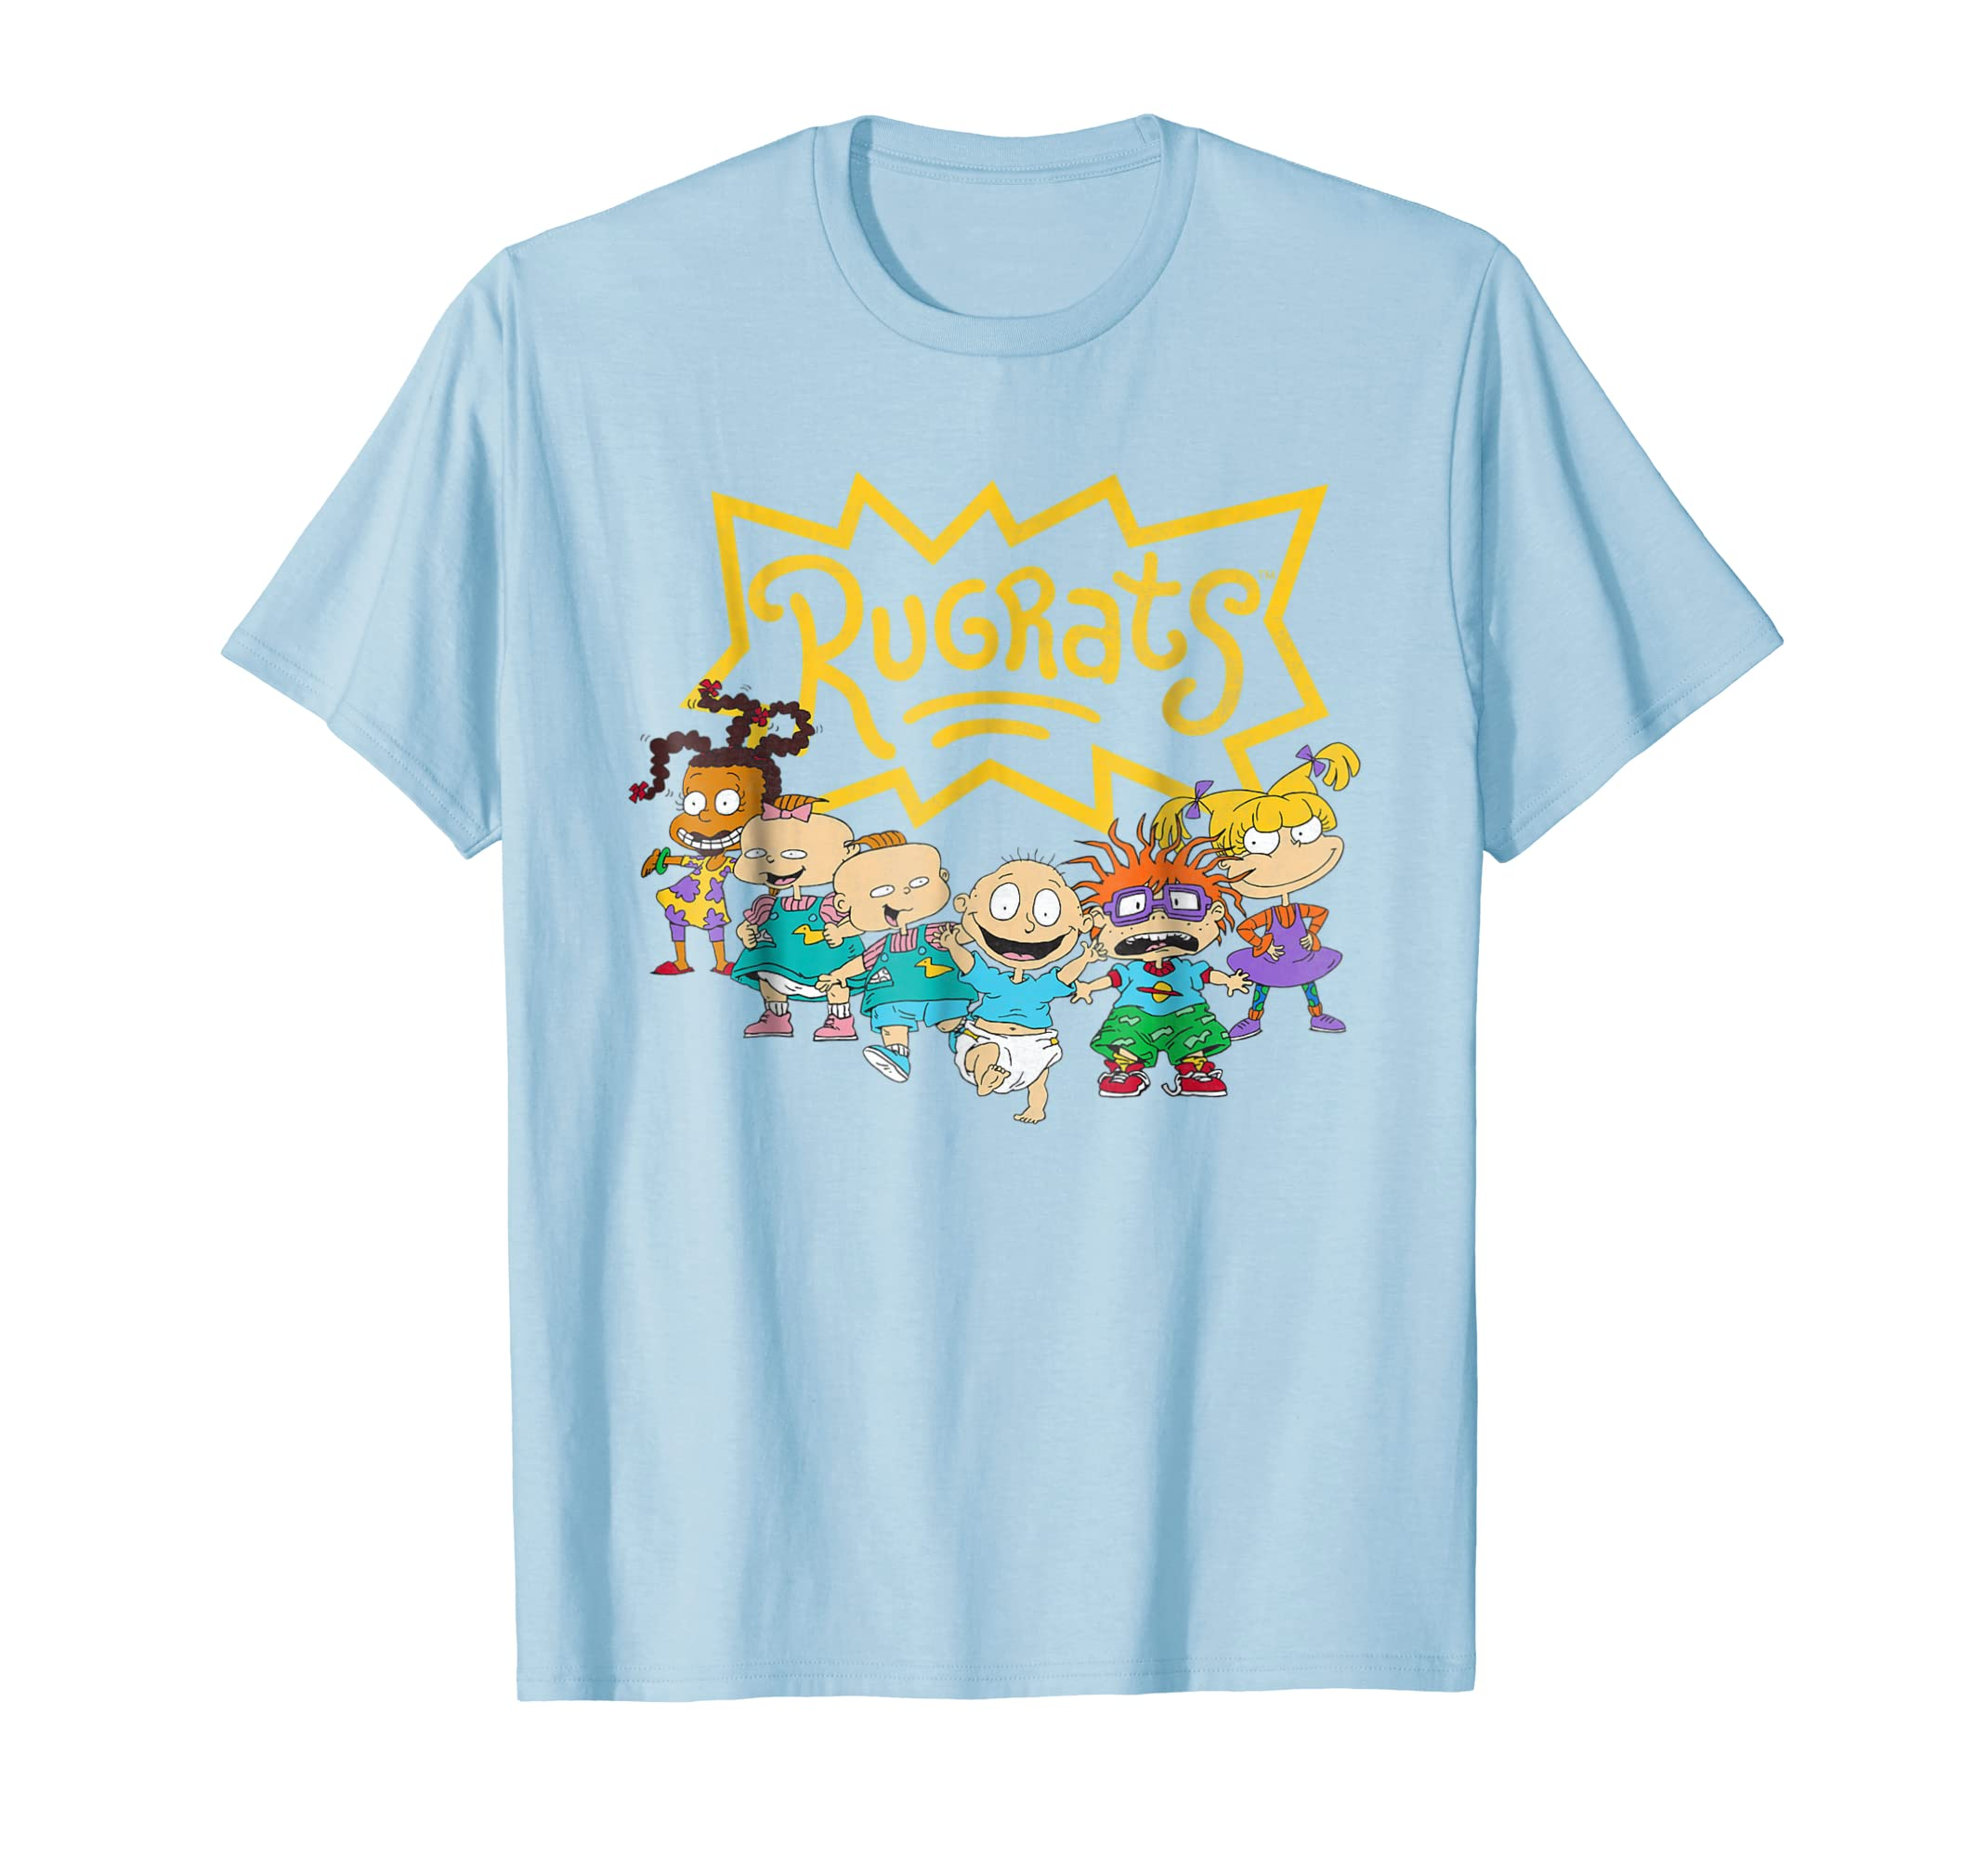 Nickelodeon Rugrats Character Lineup T-Shirt-Loveshirt